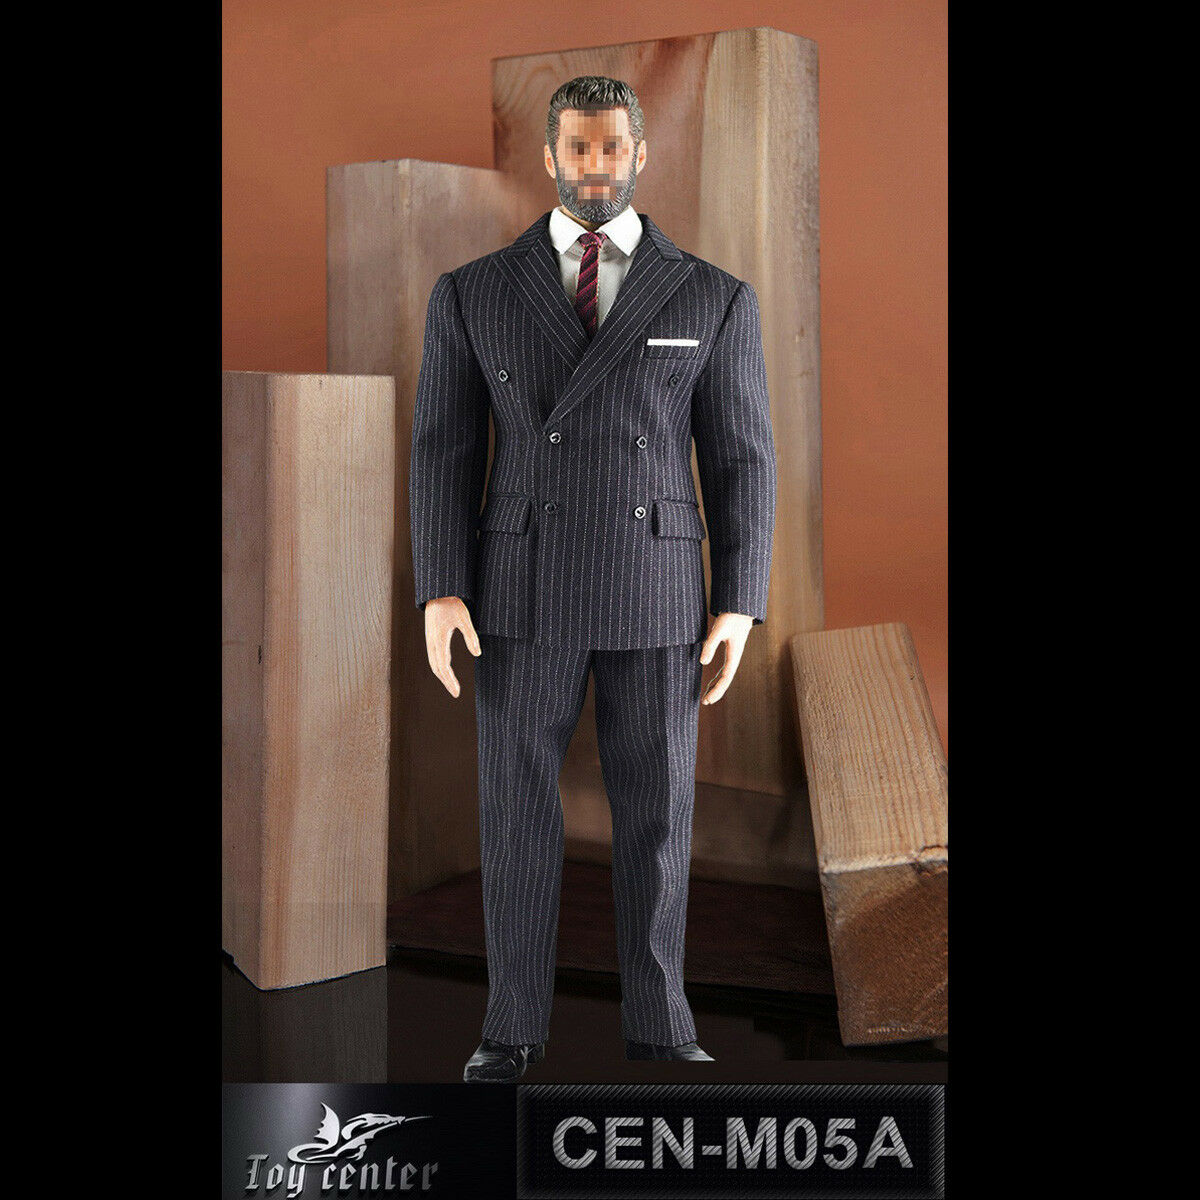 Toy Center 1 6th CEN-M05 Gentermen Striped Suit Clothing Set 3 colors Available